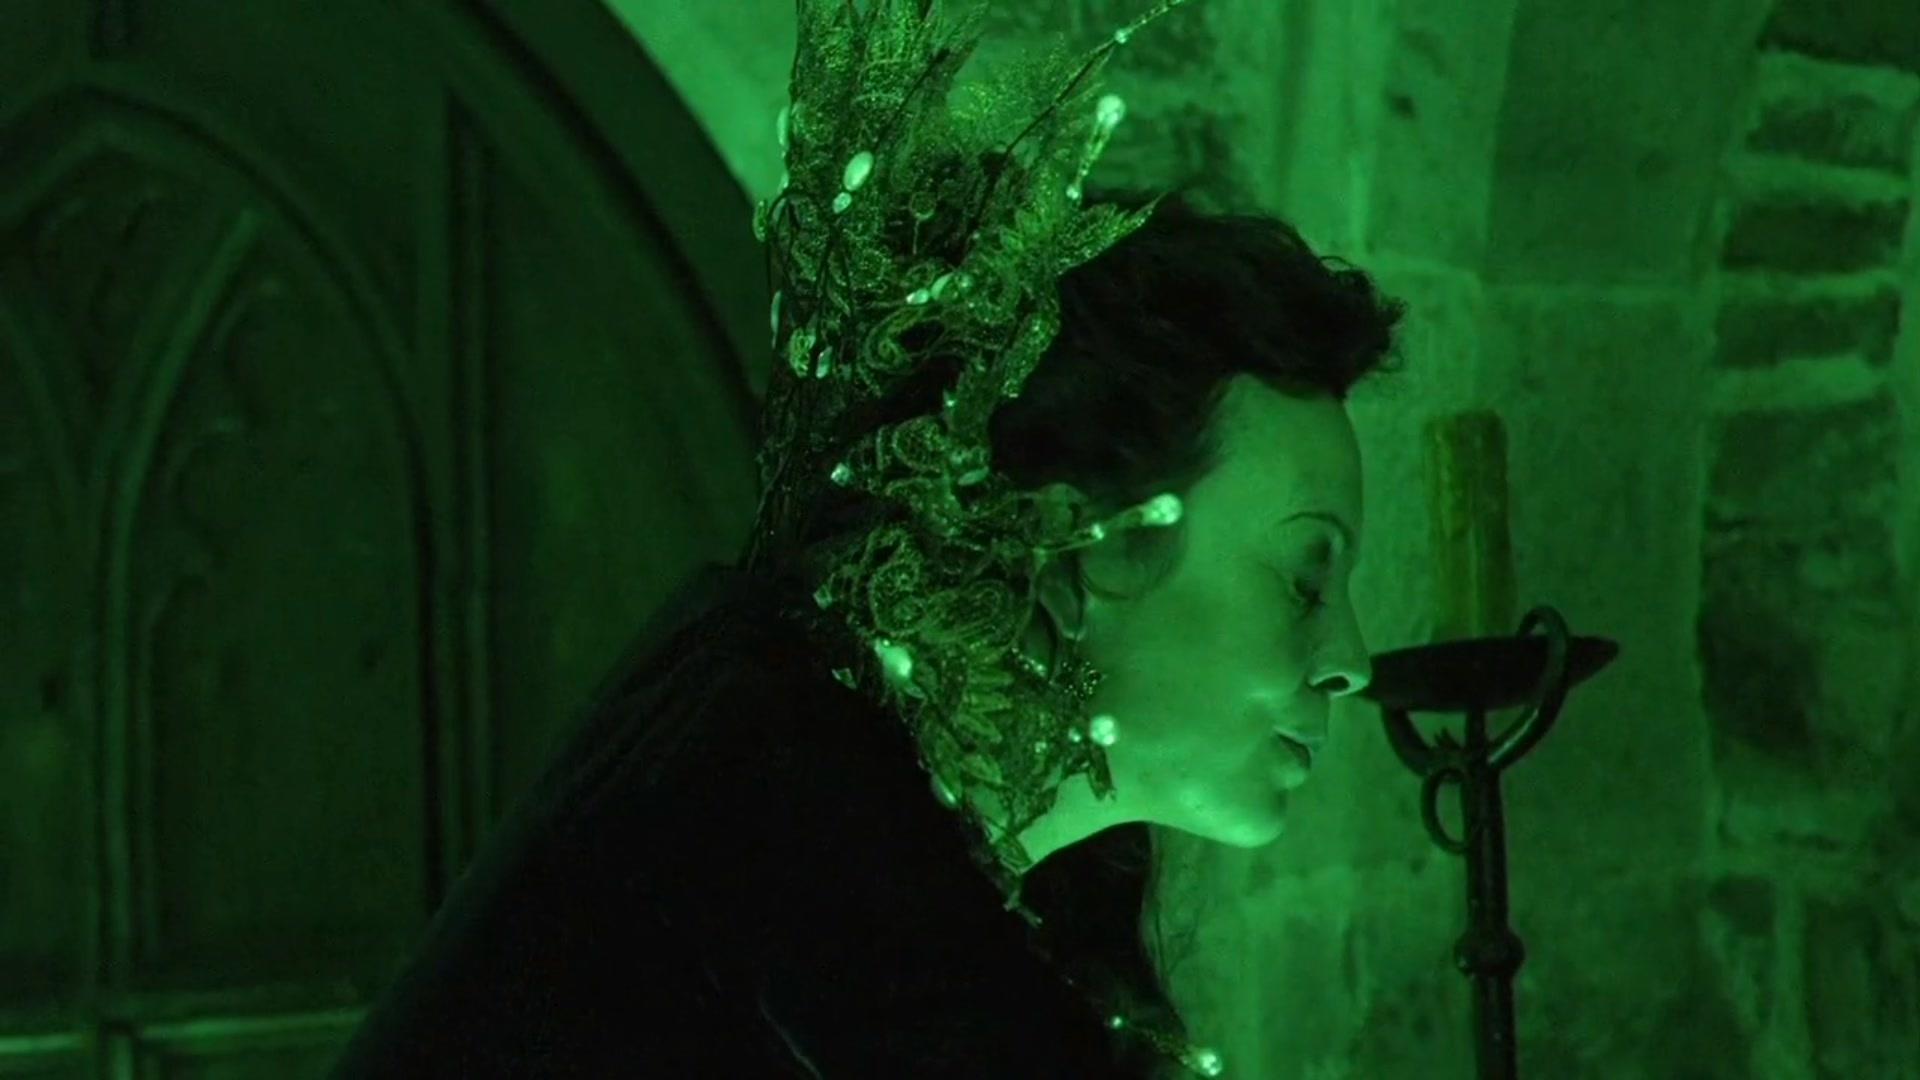 Helen in Doctor Who - Helen McCrory Image (21740225) - Fanpop